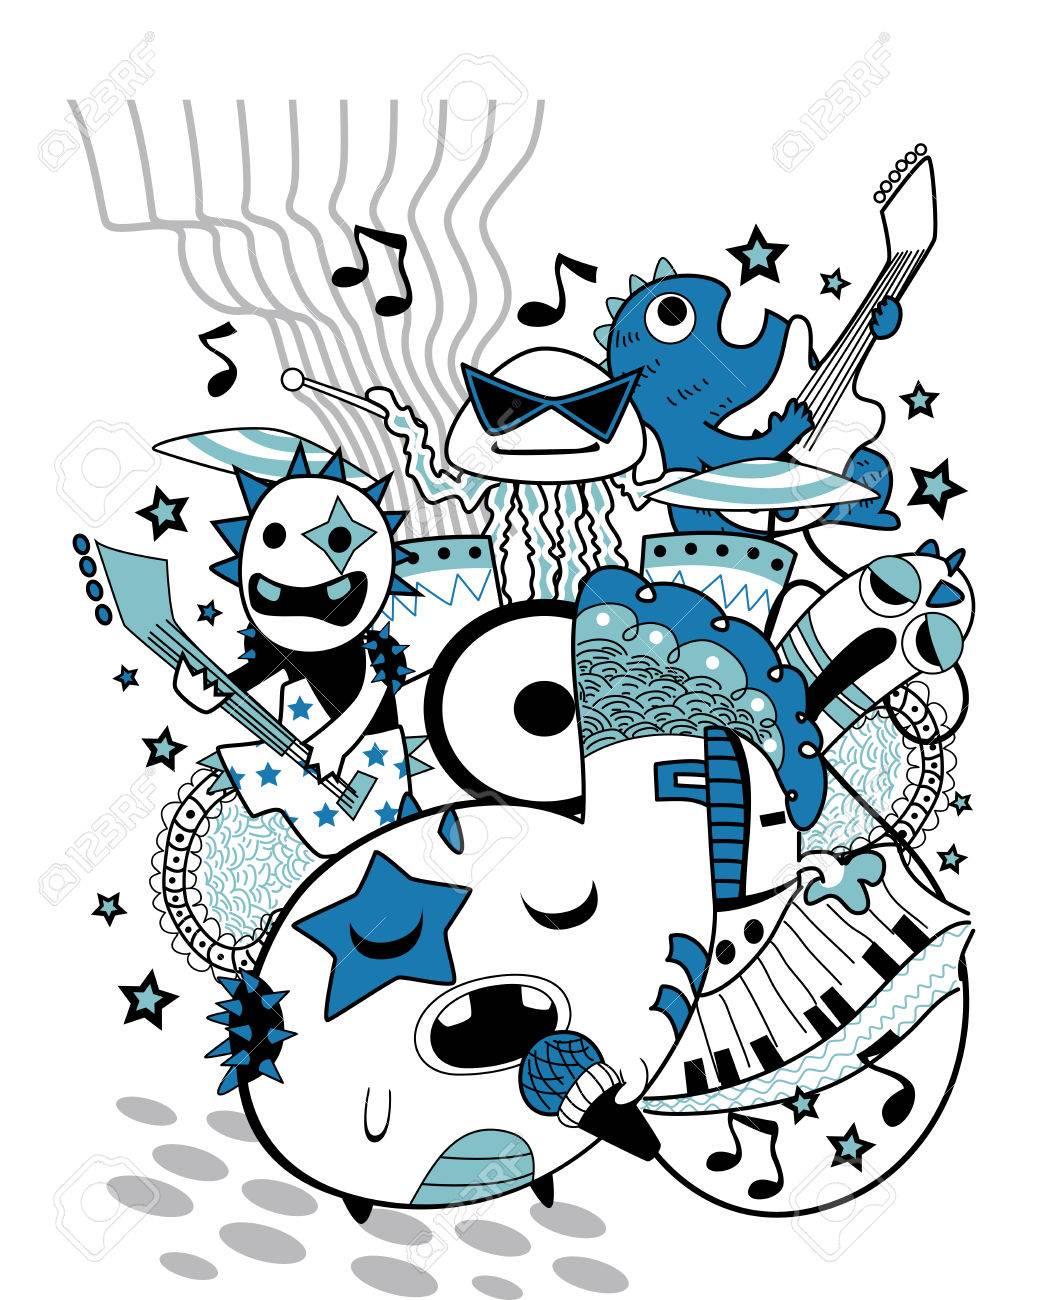 かわいいモンスター バンドで演奏のグループの落書きイラストのイラスト素材 ベクタ Image 34452643